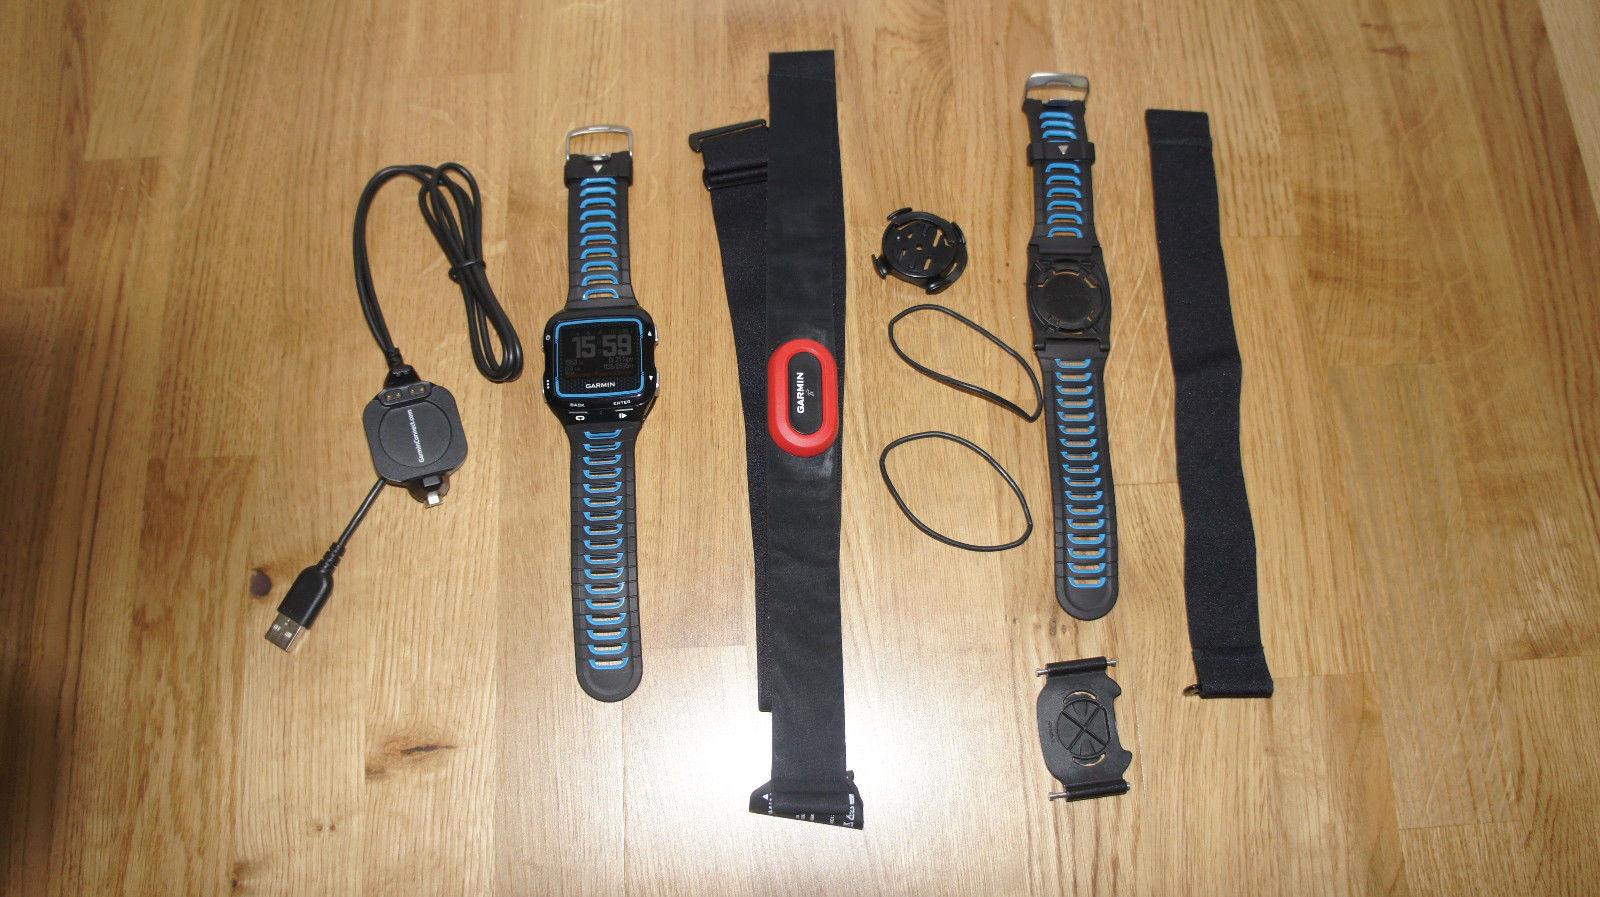 Garmin Forerunner 920XT mit Brustgurt und Schnellwechsel-Kit